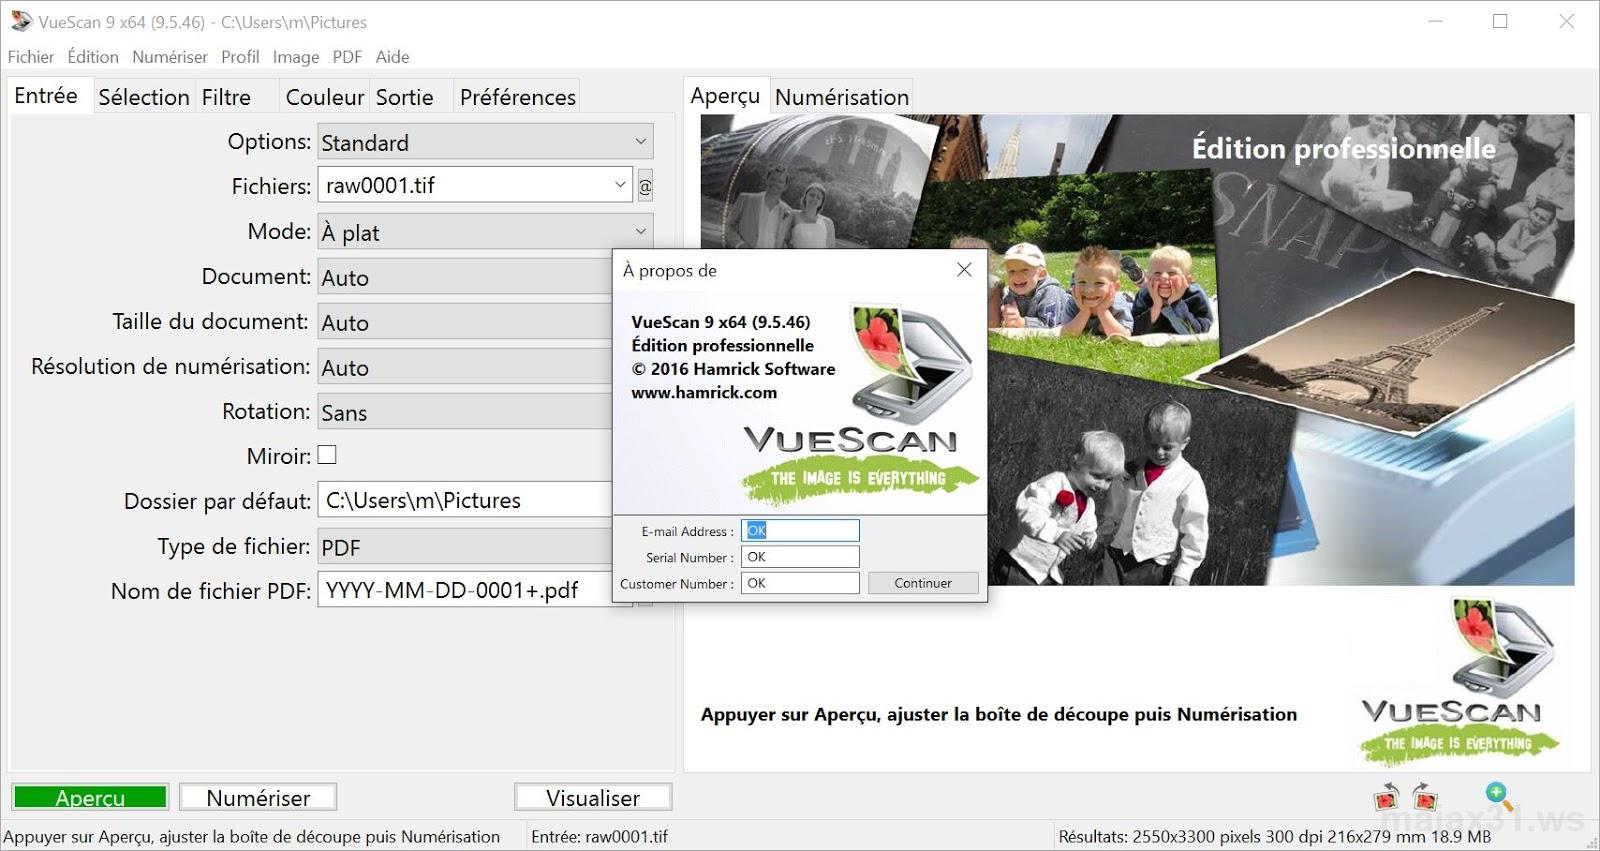 VueScan Professional 9.7.21 [Multilenguaje] [Tres Servidores] VueScan%2BPro%2B9.5.46